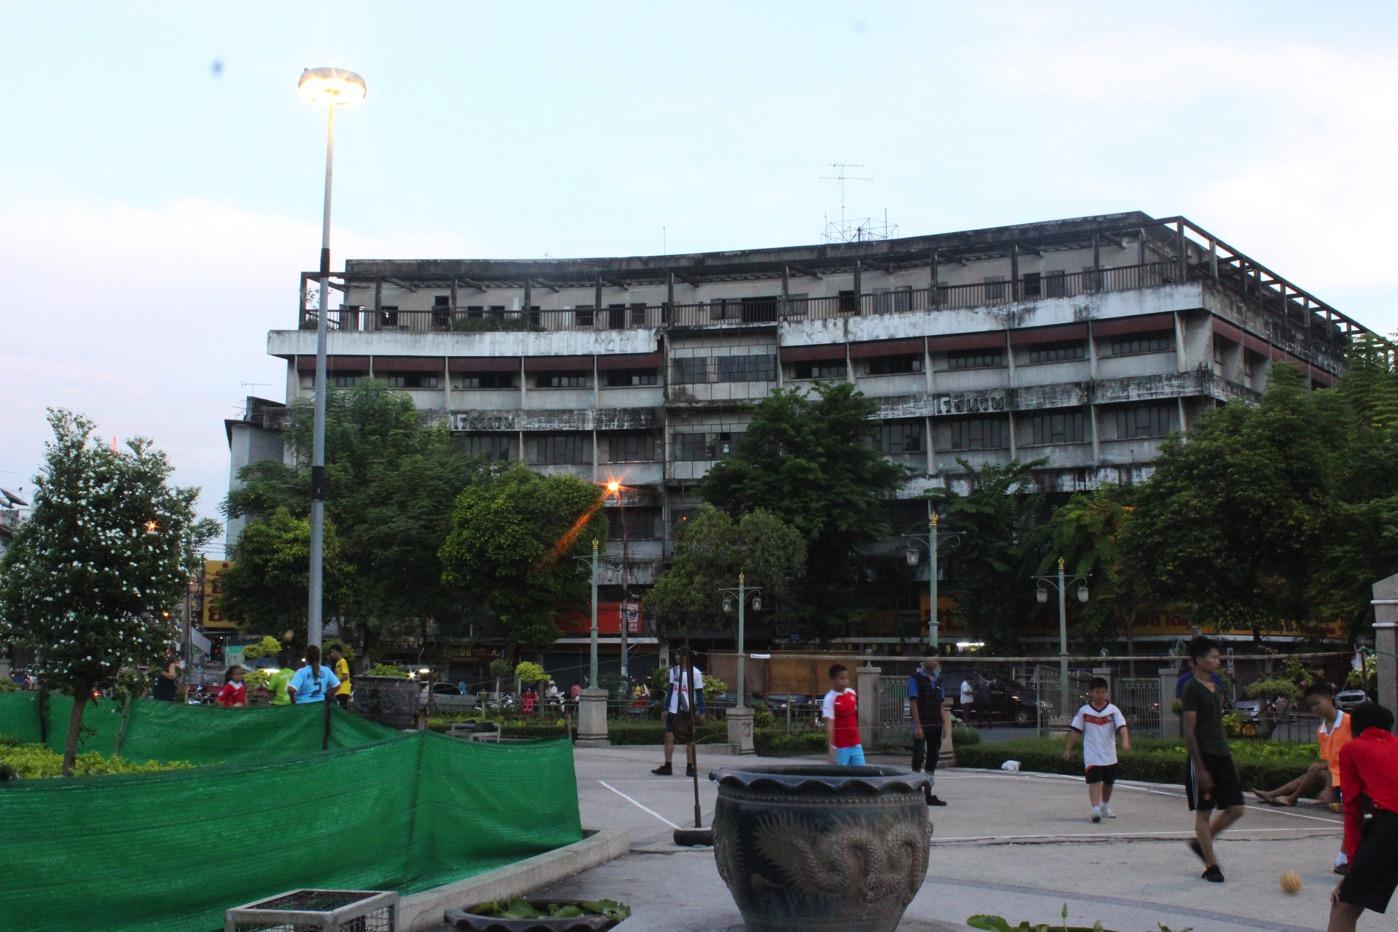 2016年に訪れた今はなきジュライホテル。目の前に広がる7月22日ロータリーも今では子供たちの遊び場だ